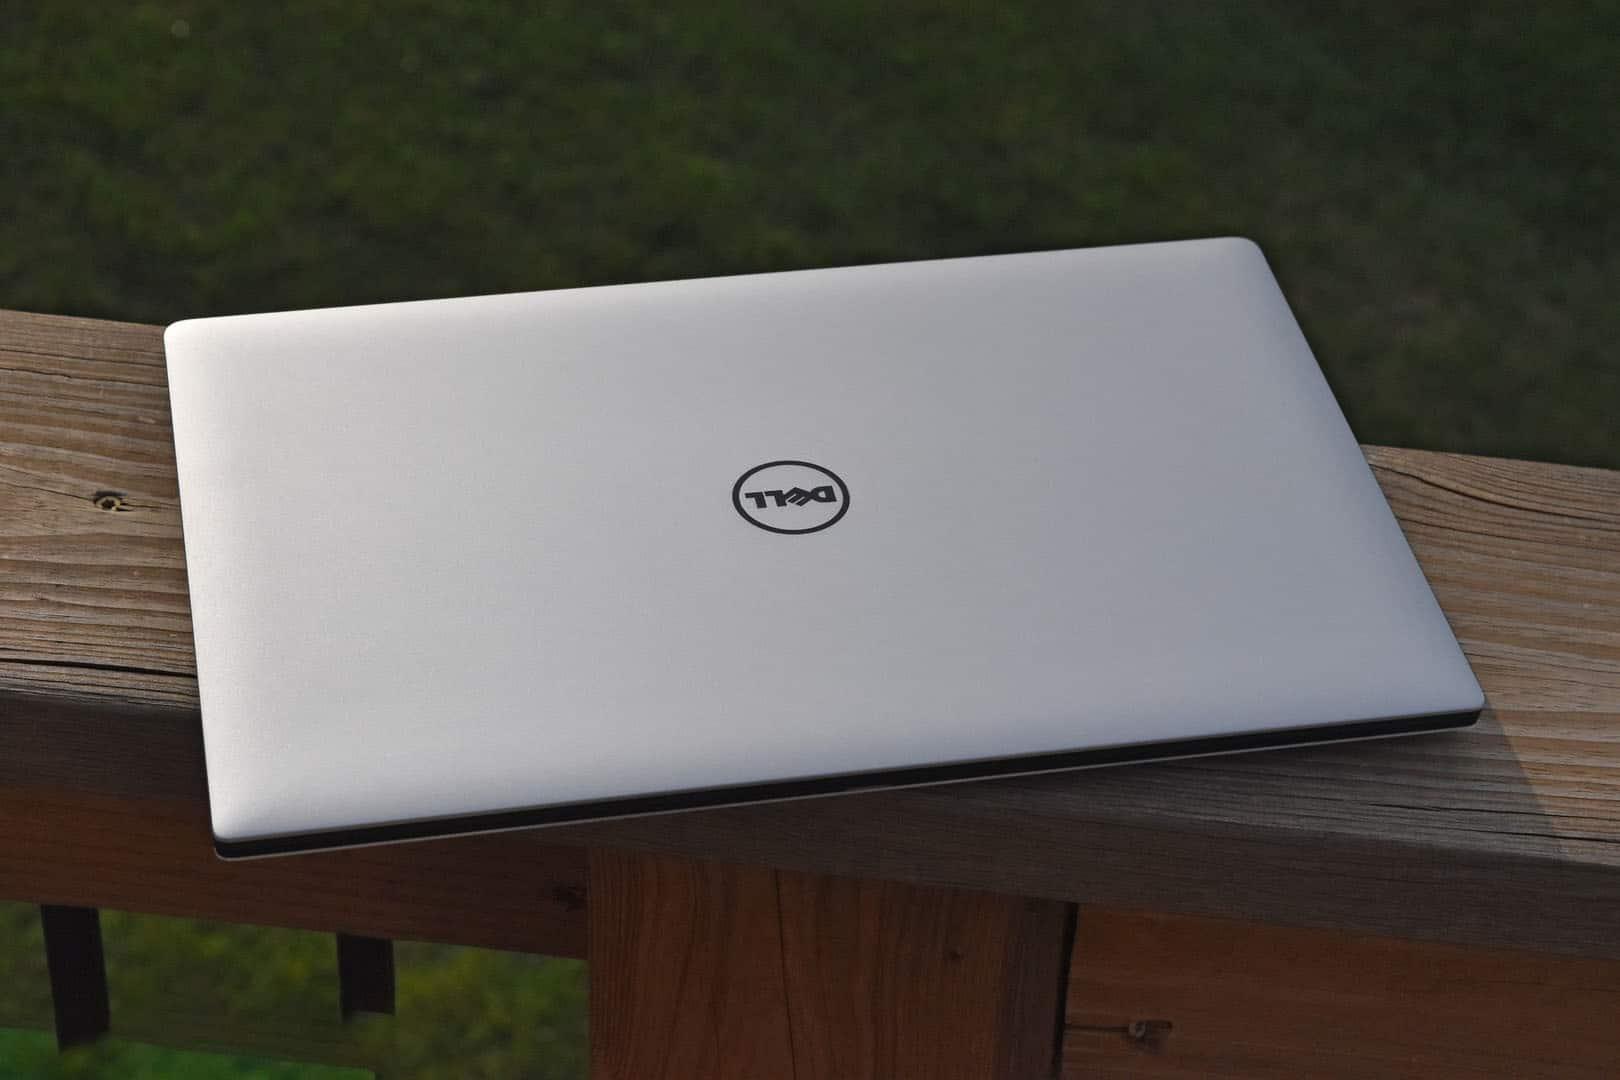 Dell Precision 5520 2017 (3)